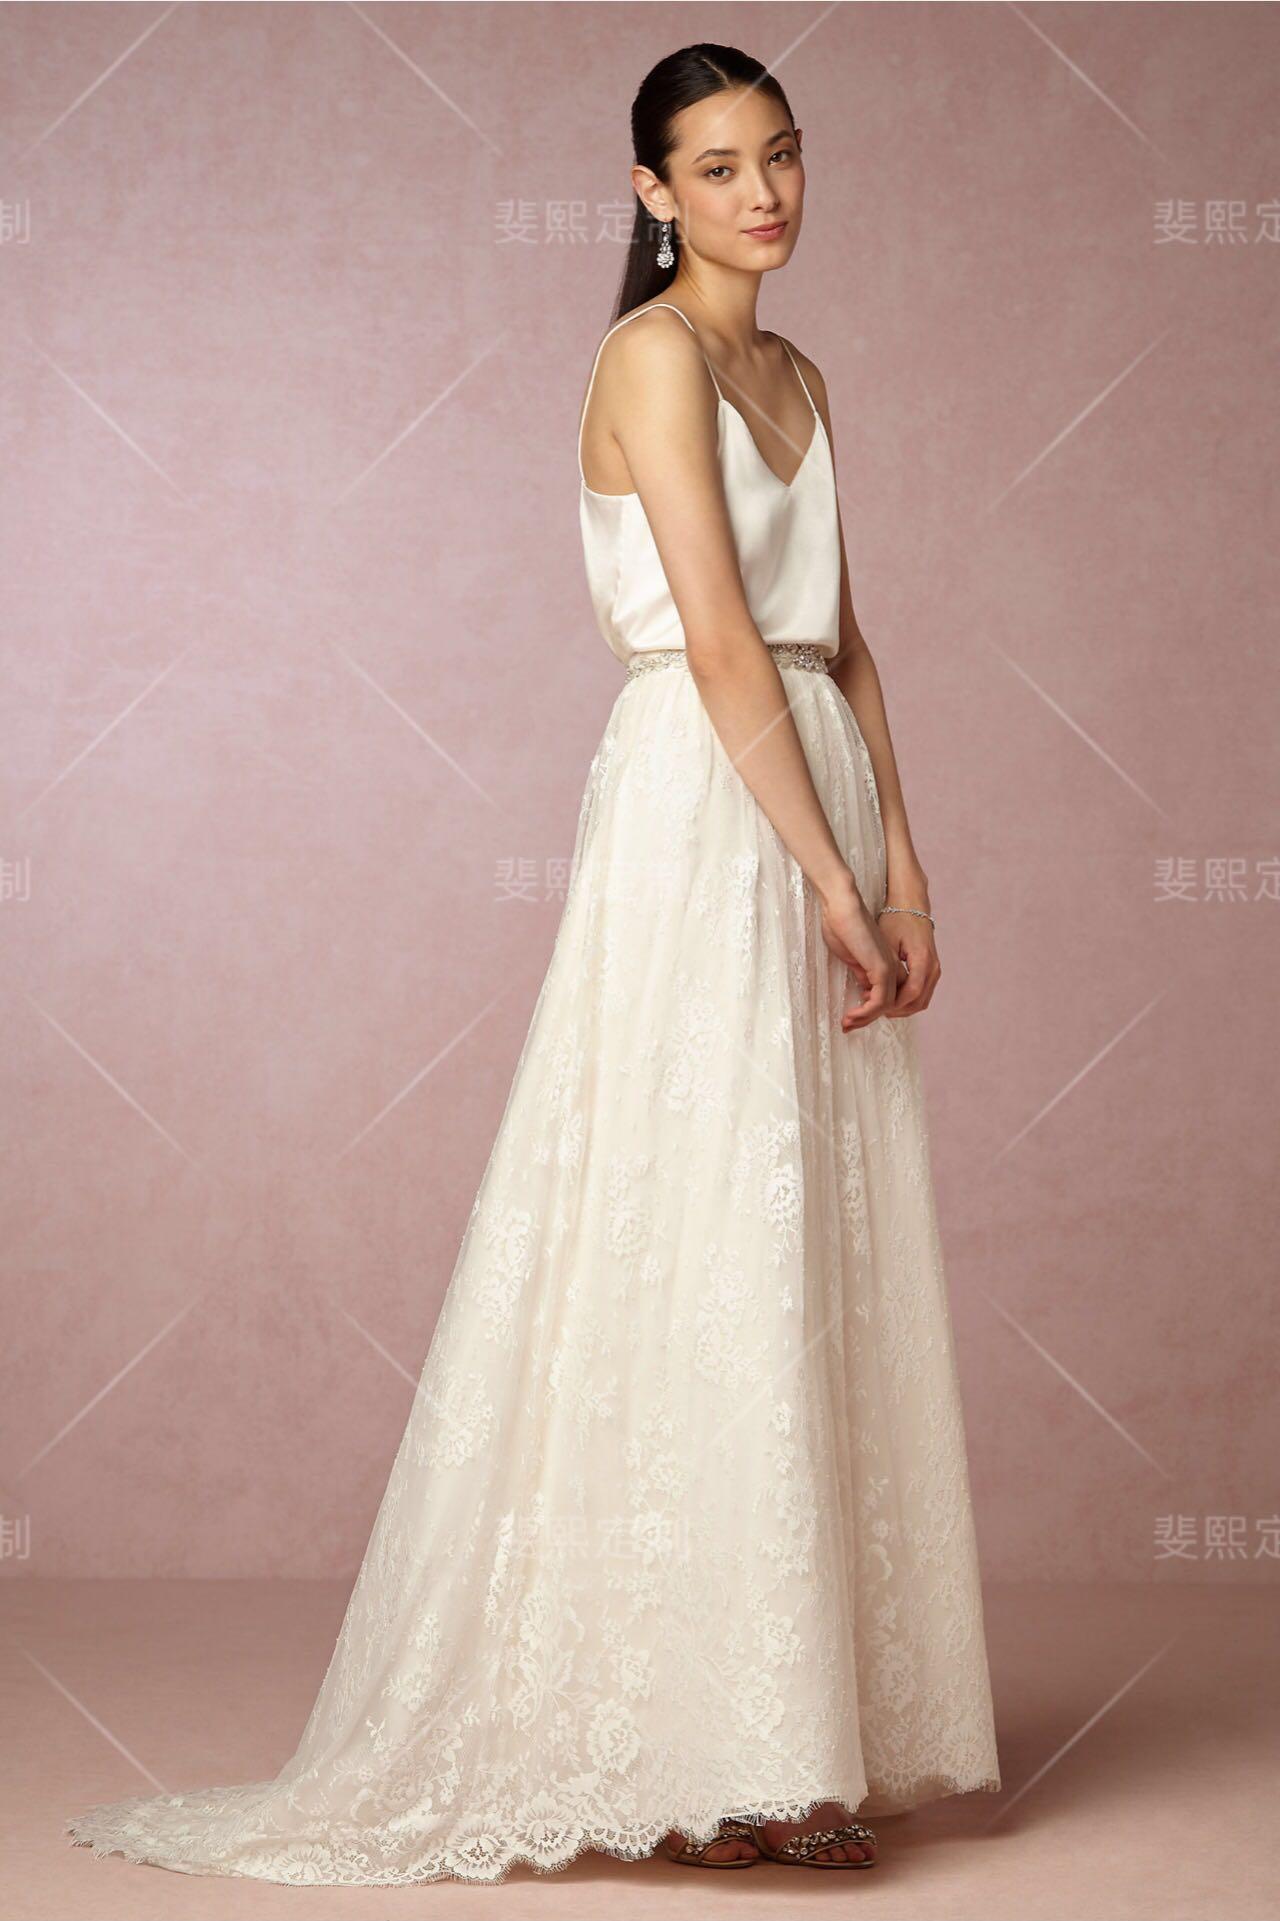 斐熙定制春季新品白色蕾丝拖尾半身裙两件式婚纱旅拍轻便婚纱